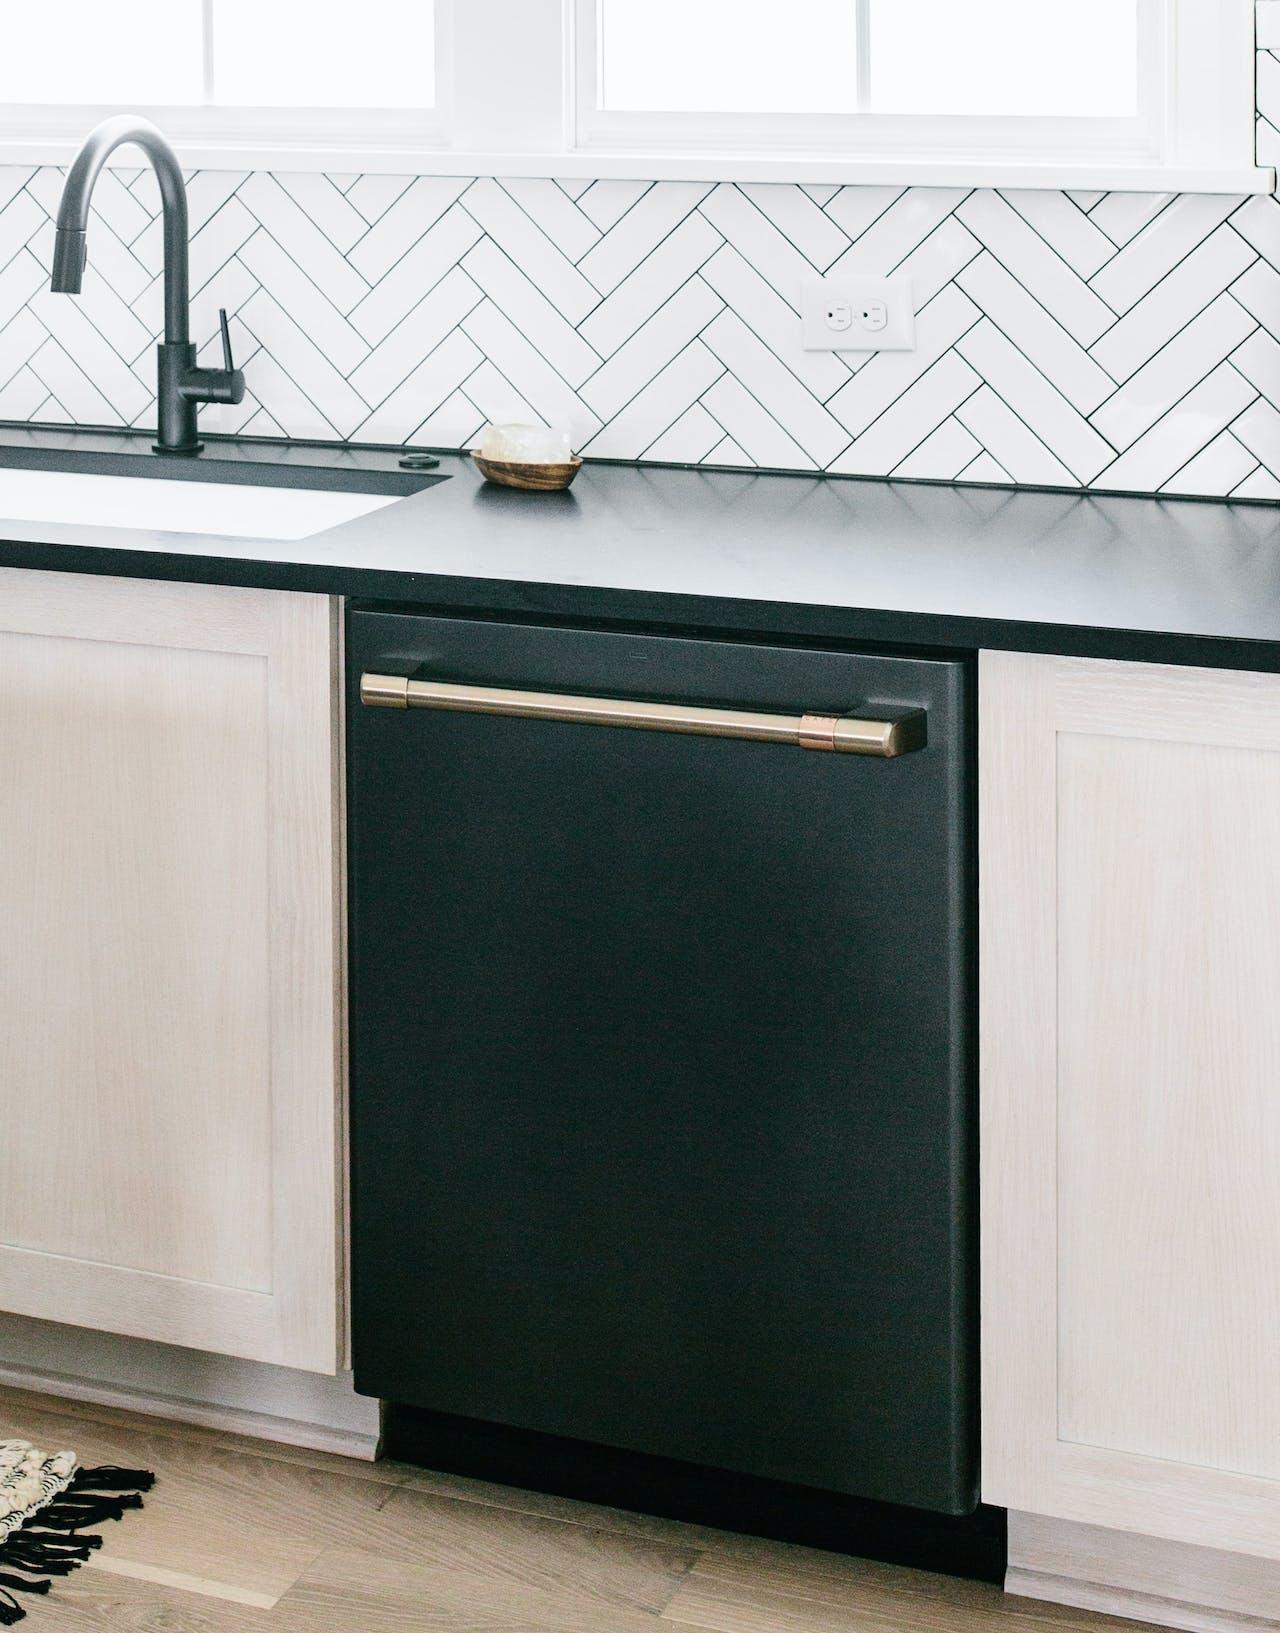 matte black dishwasher installed with chevron tile backsplash